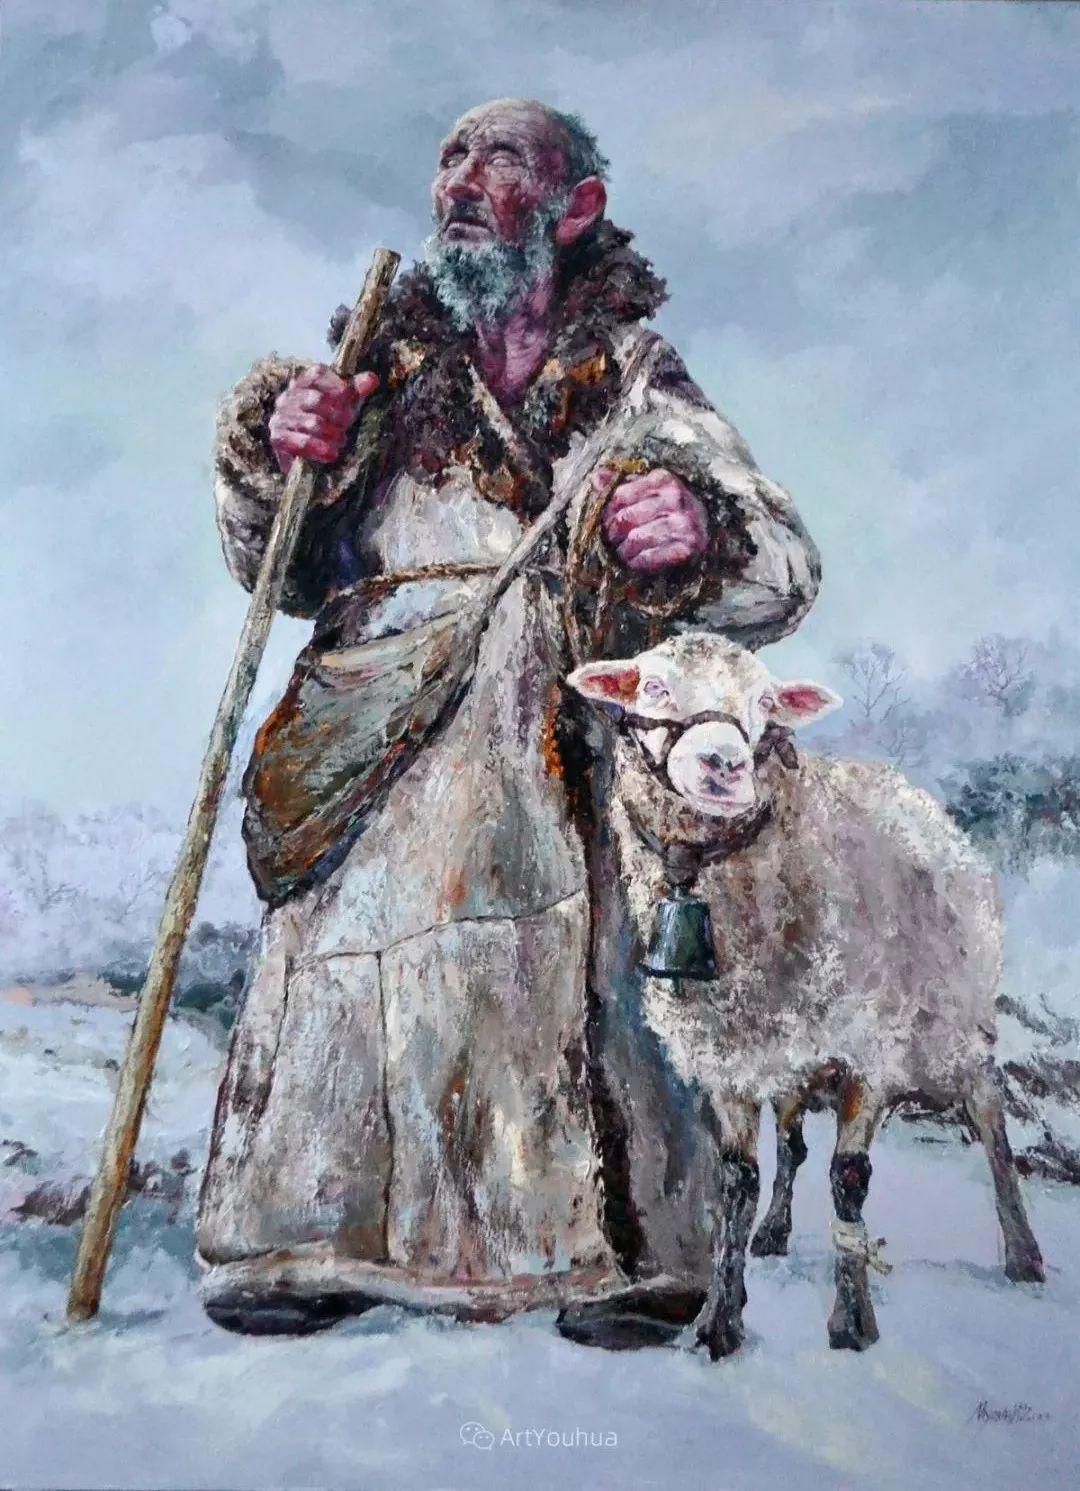 人物篇——哈萨克斯坦画家Musin Irik Rashidovich插图